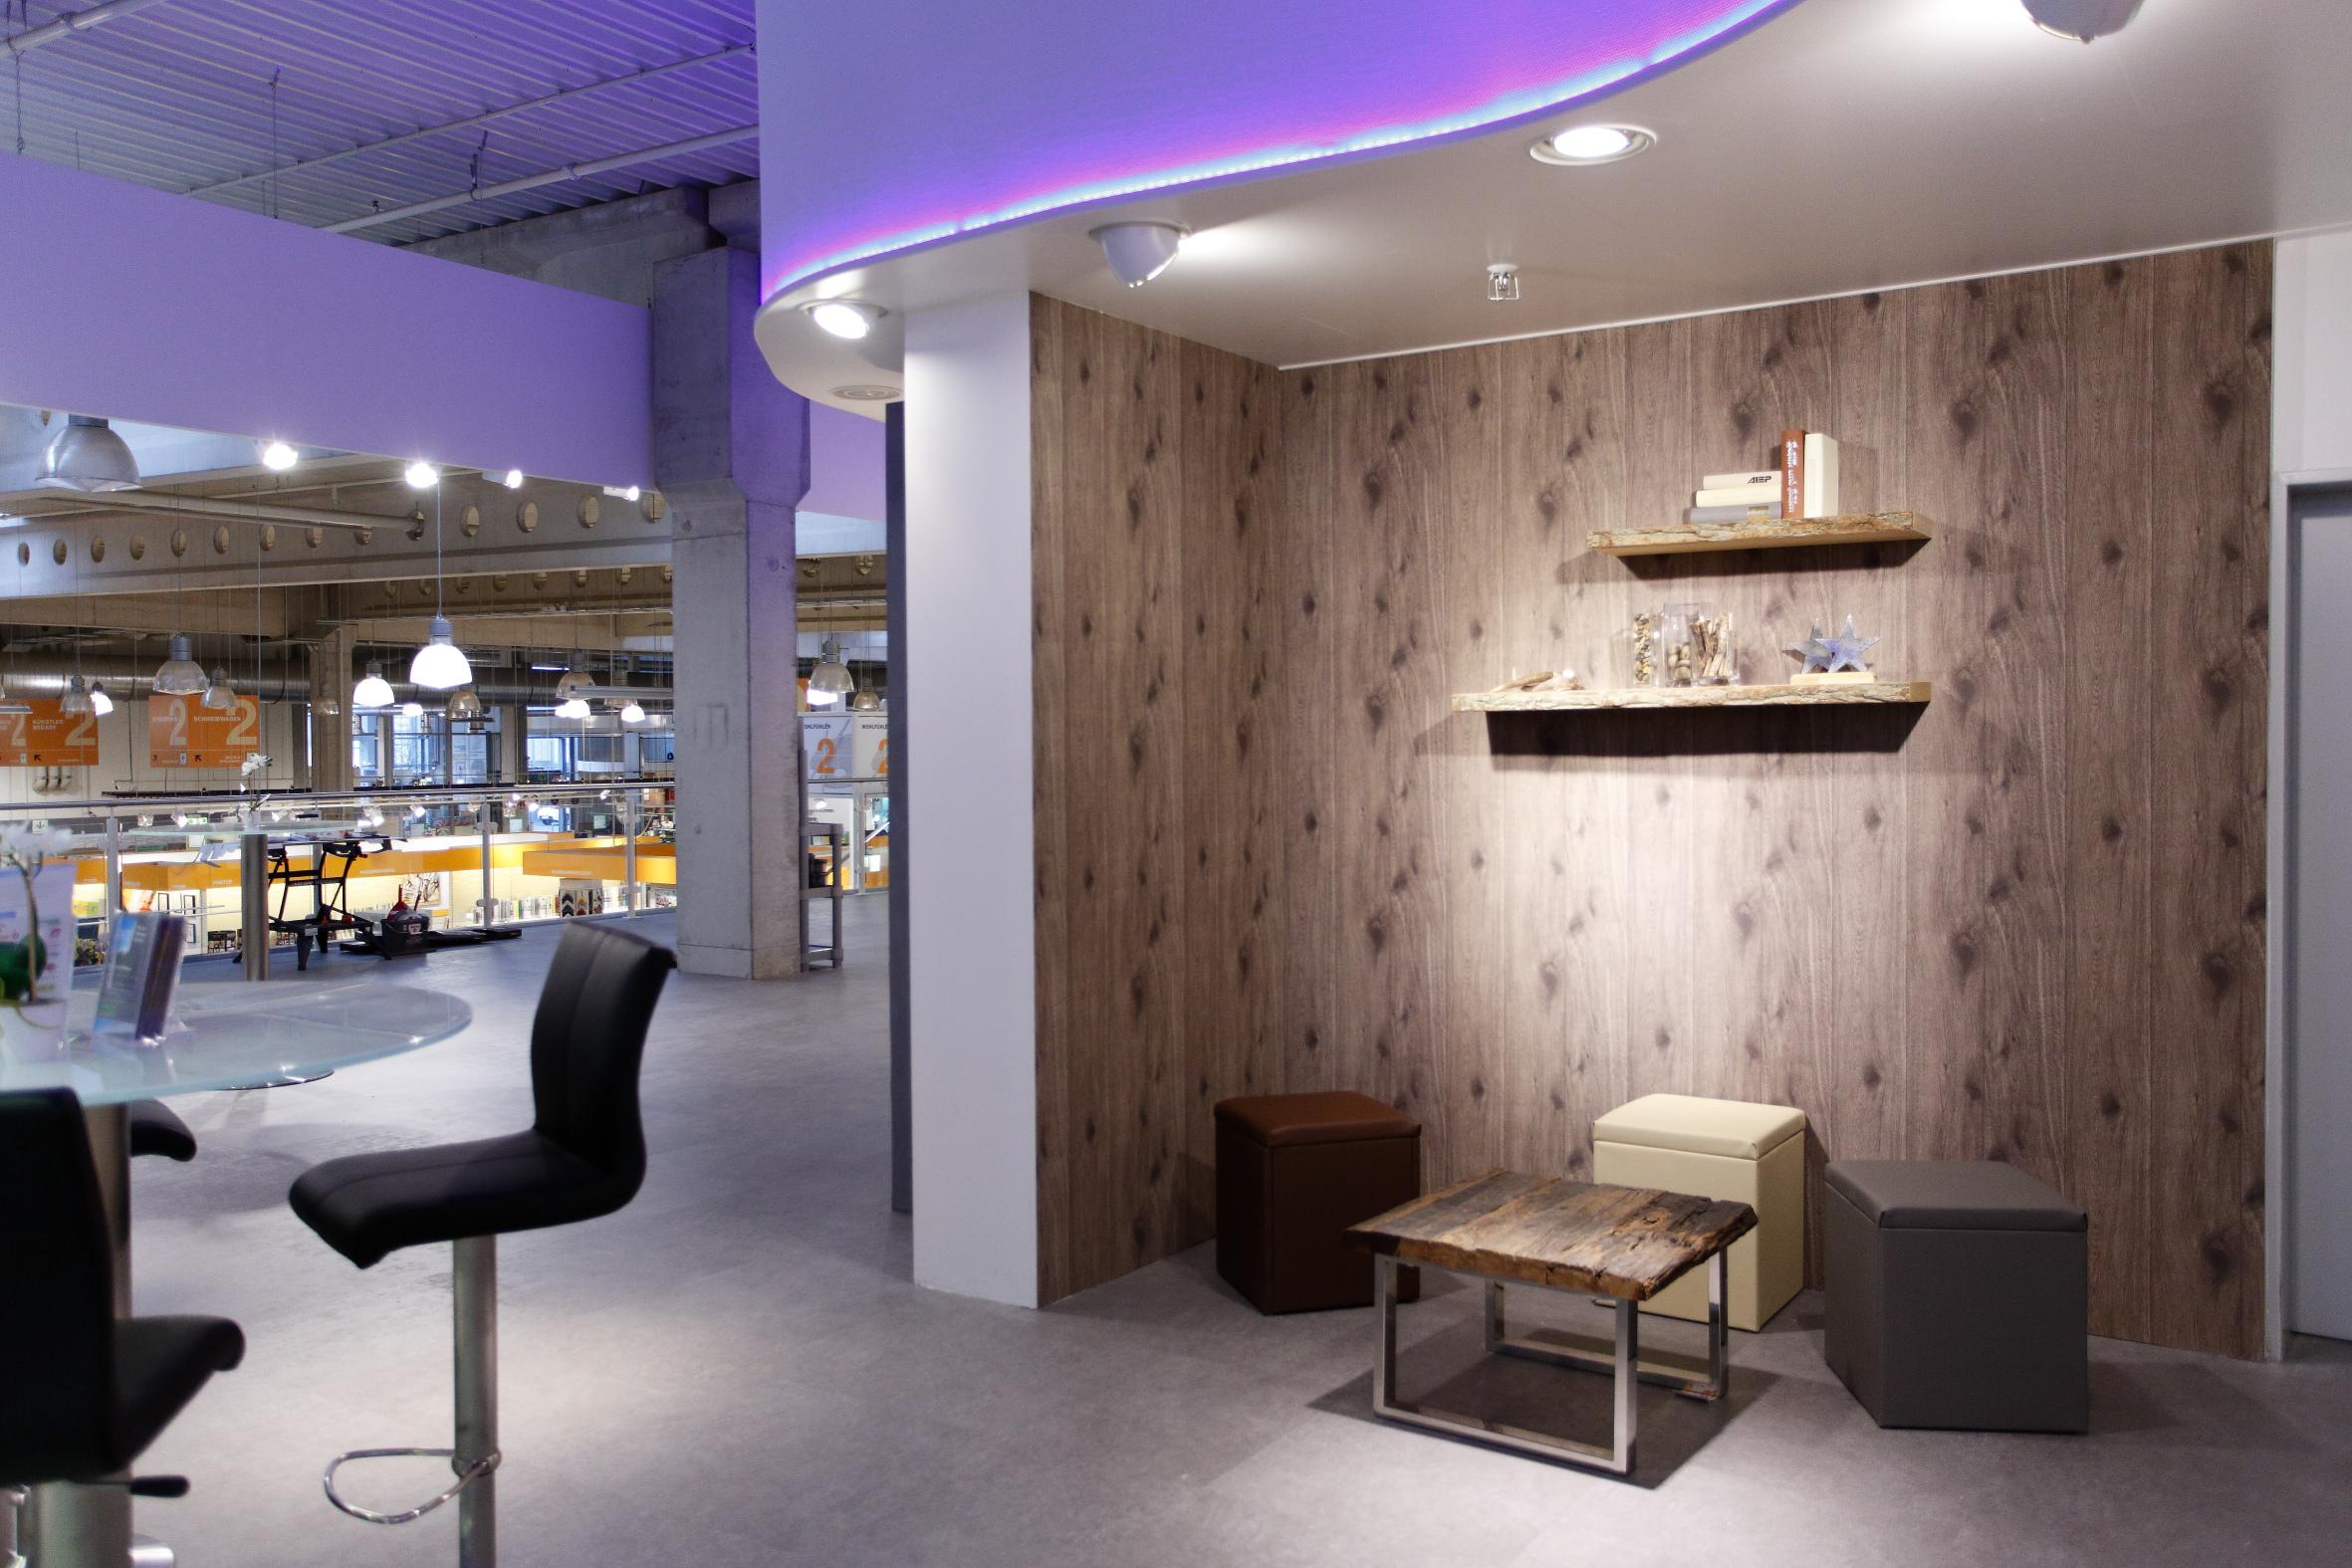 wohnideen minimalistische hochbett ihr ideales zuhause stil. Black Bedroom Furniture Sets. Home Design Ideas